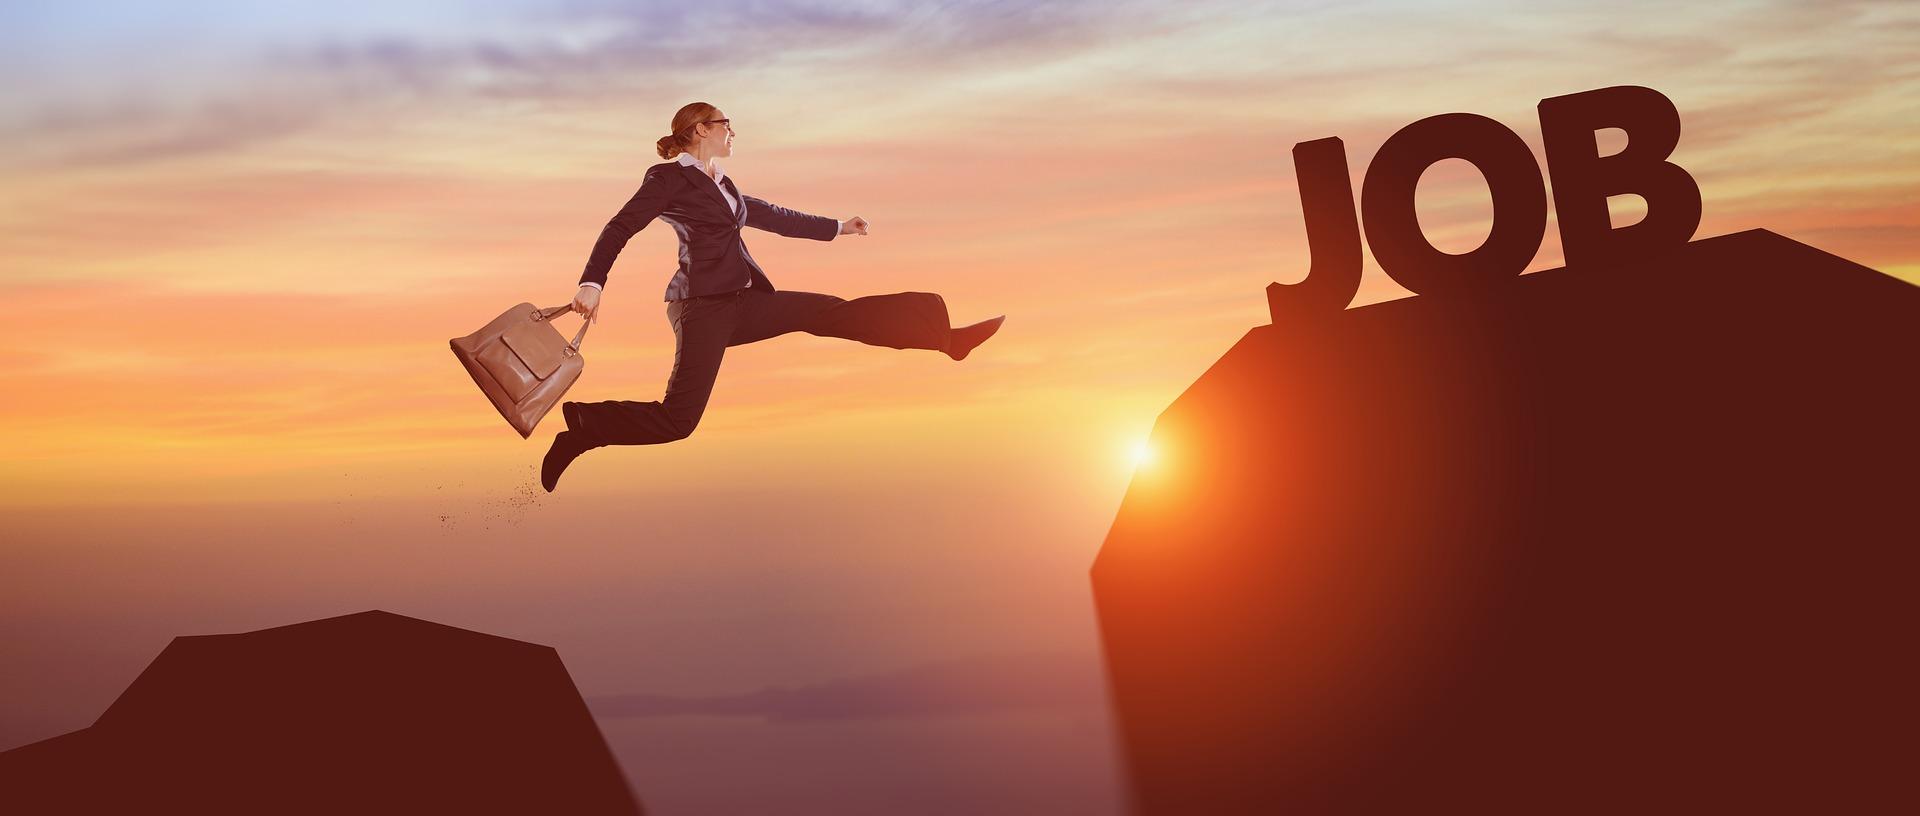 Achieving success illustration